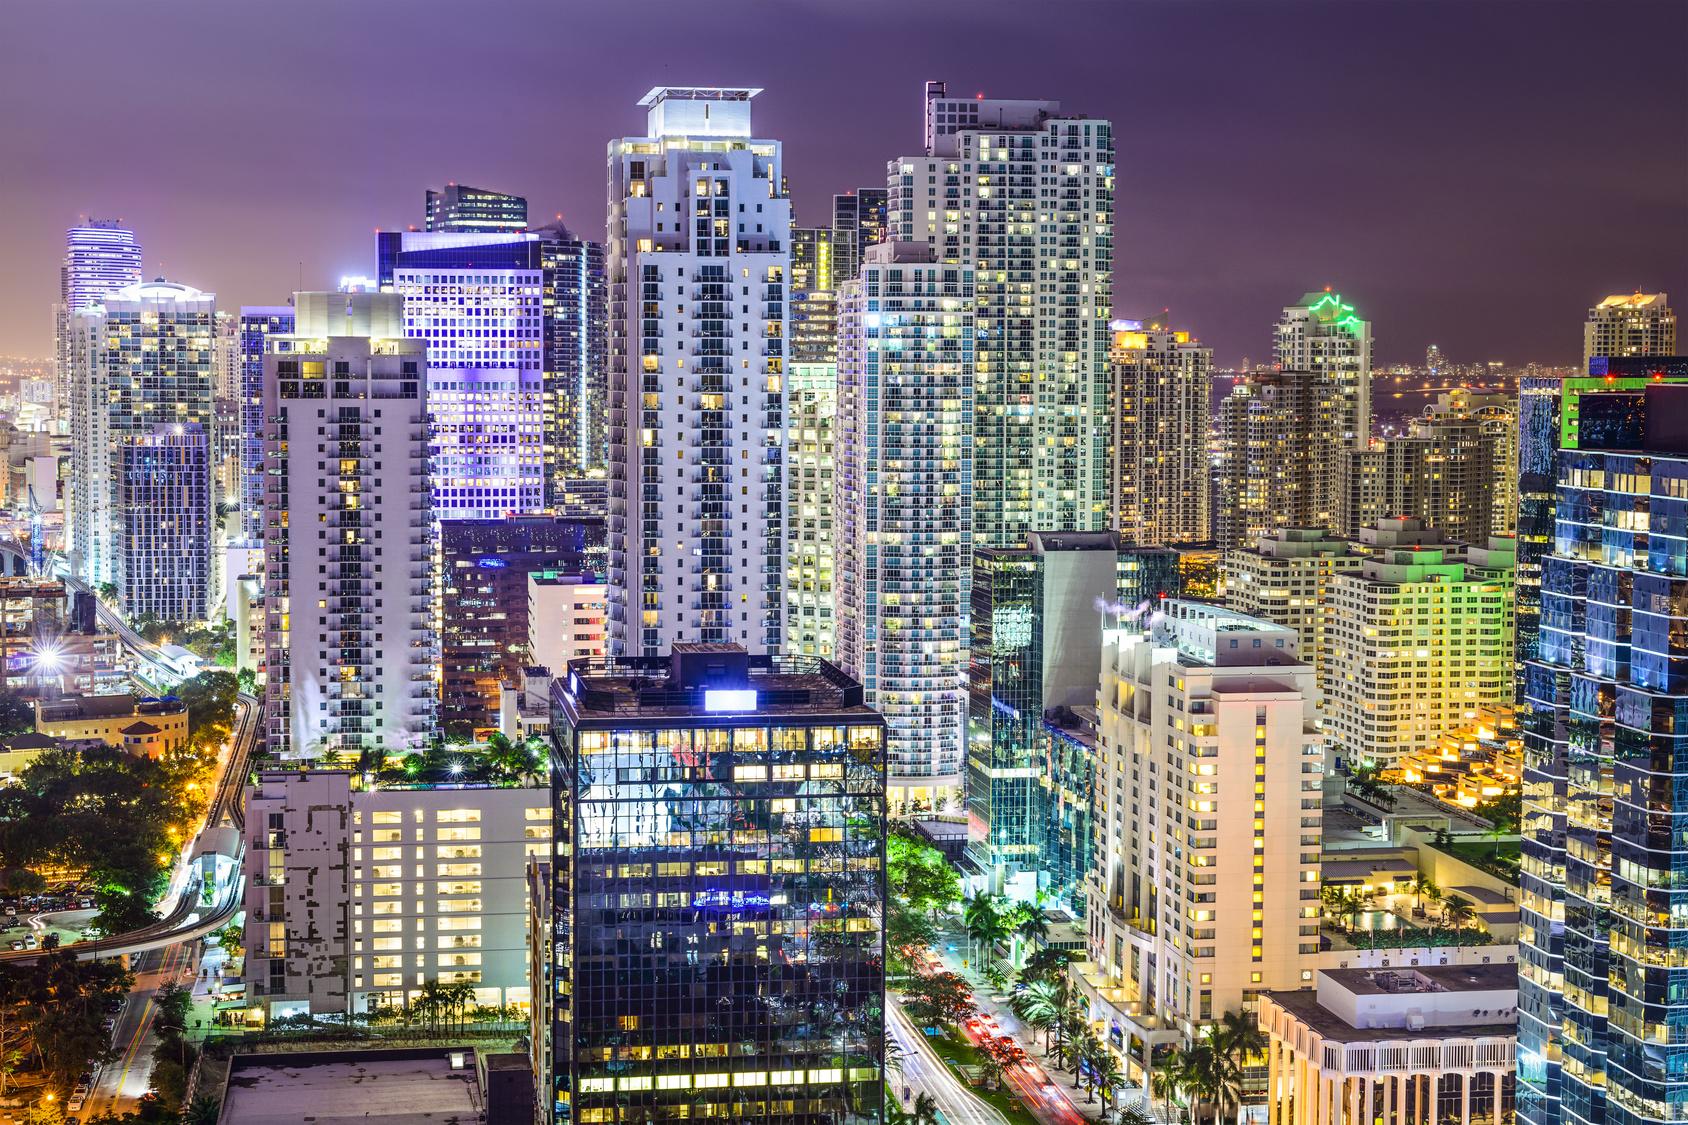 La diversité culturelle de Miami contribue à son développement immobilier